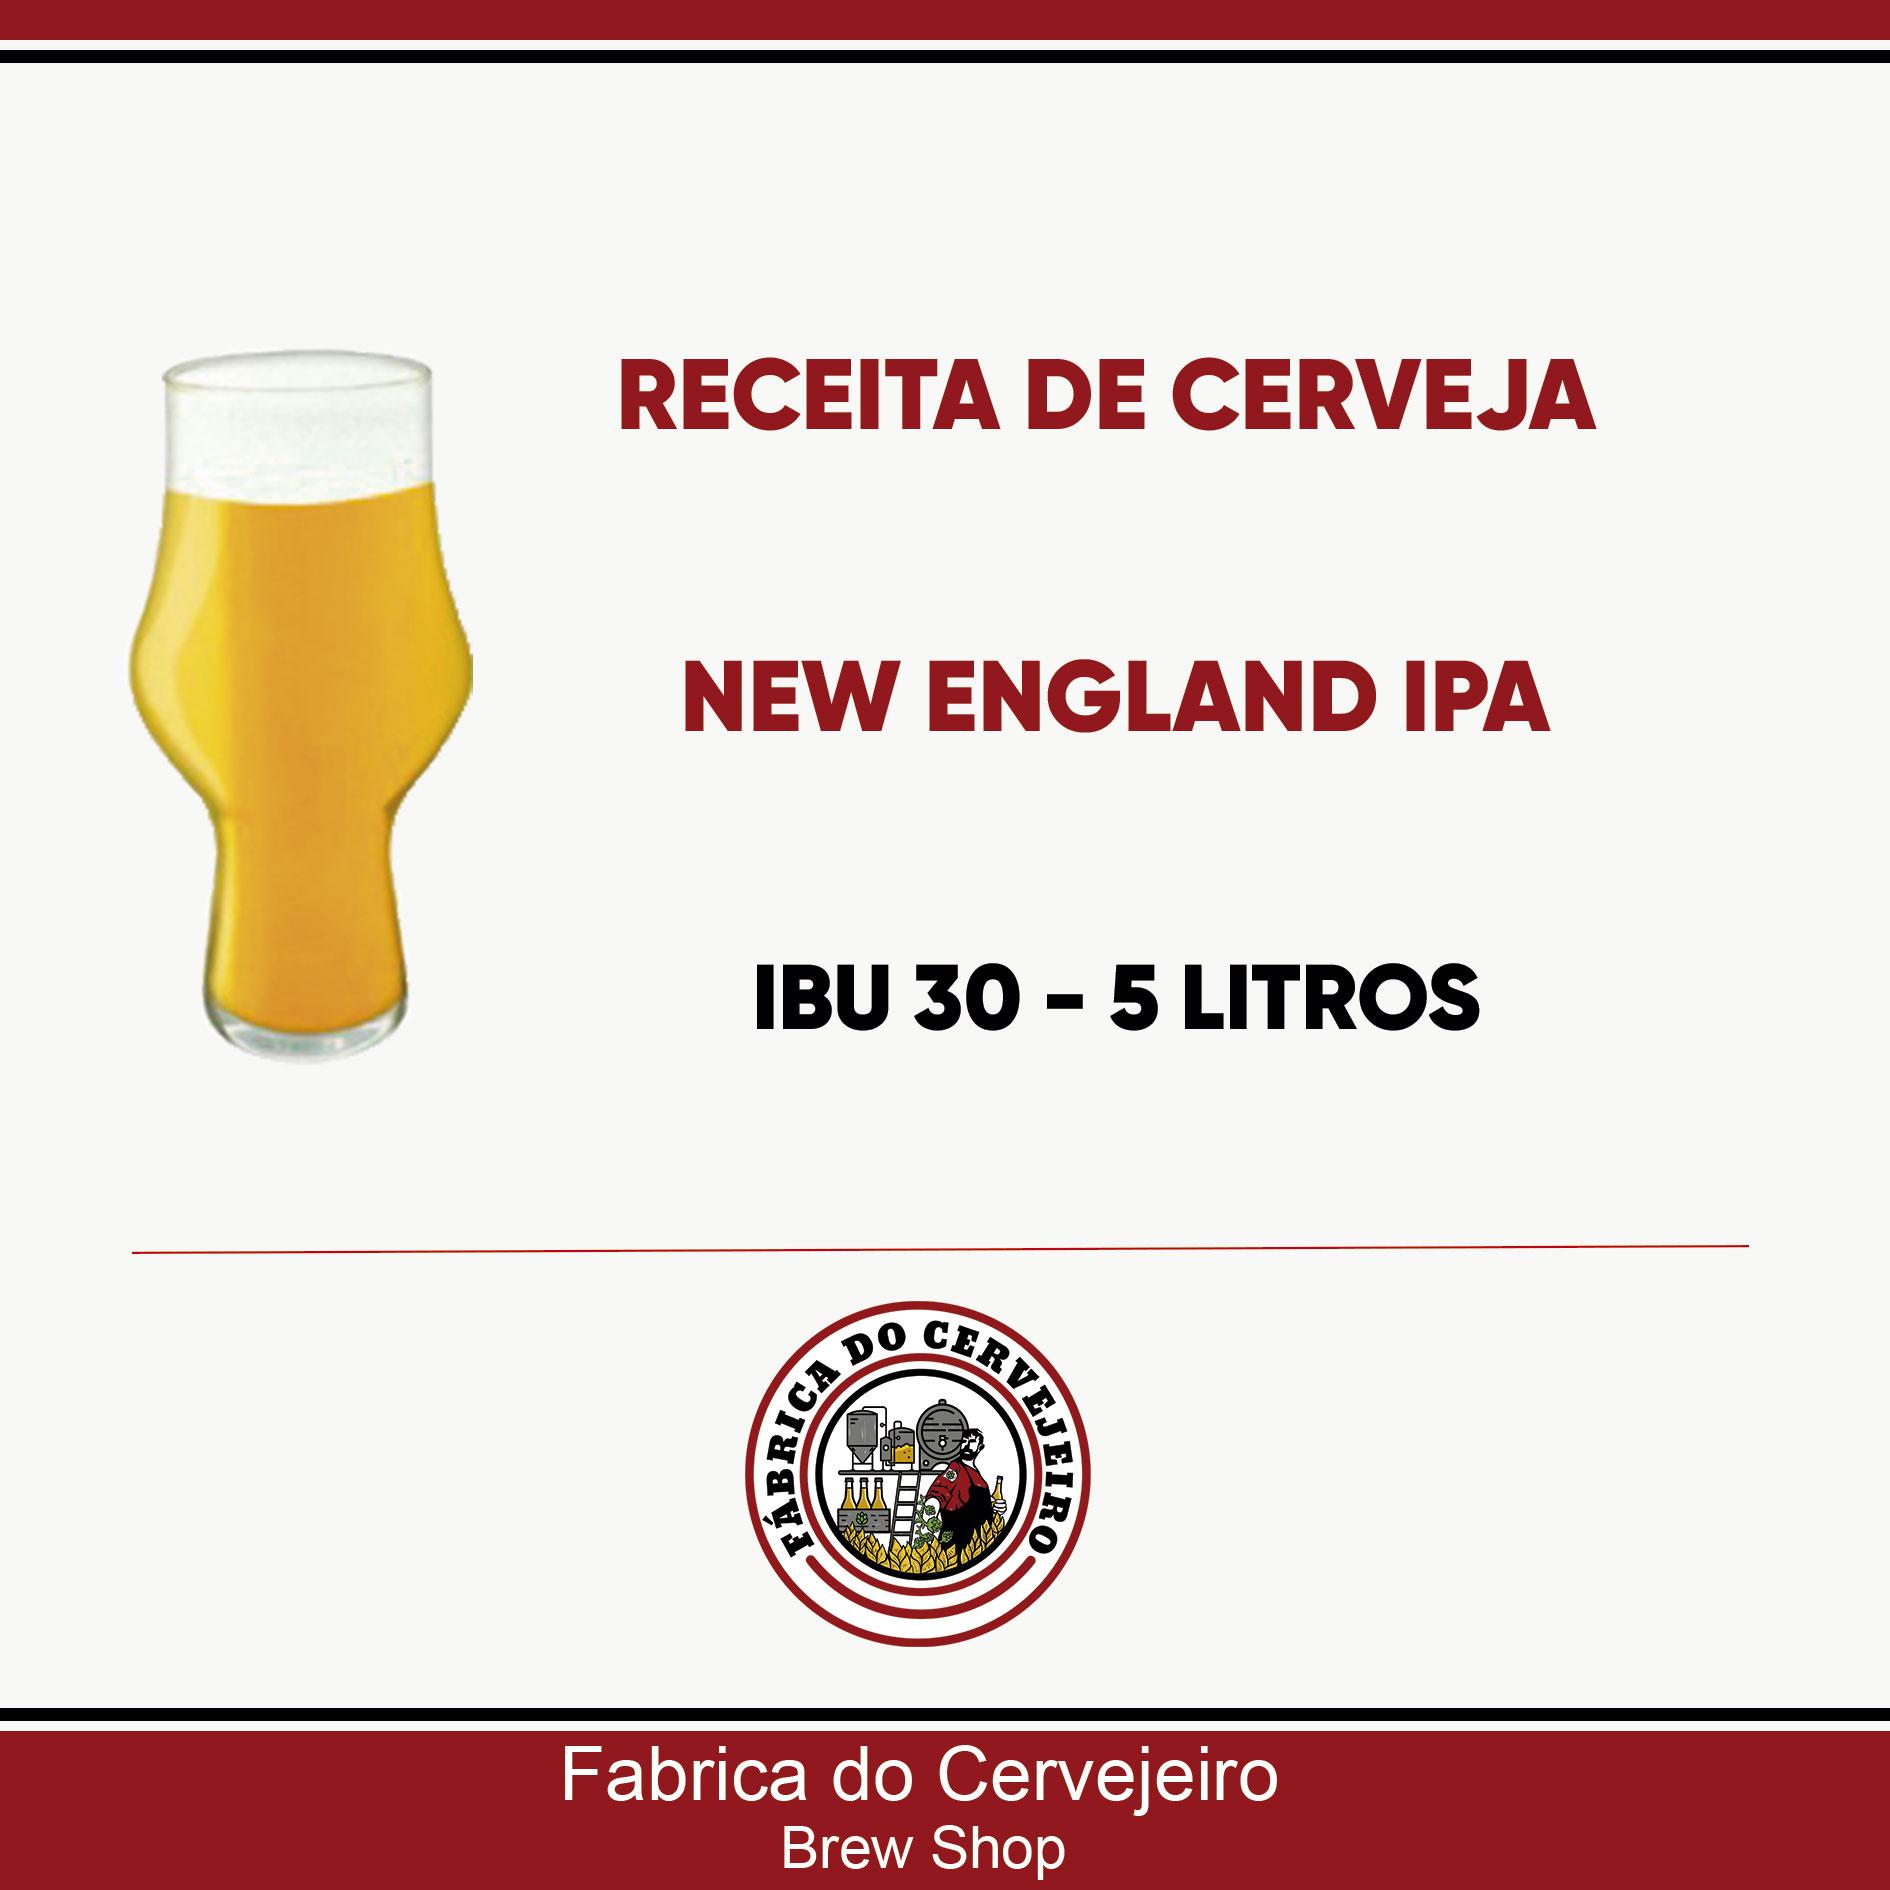 Receita de New England IPA 5 Litros